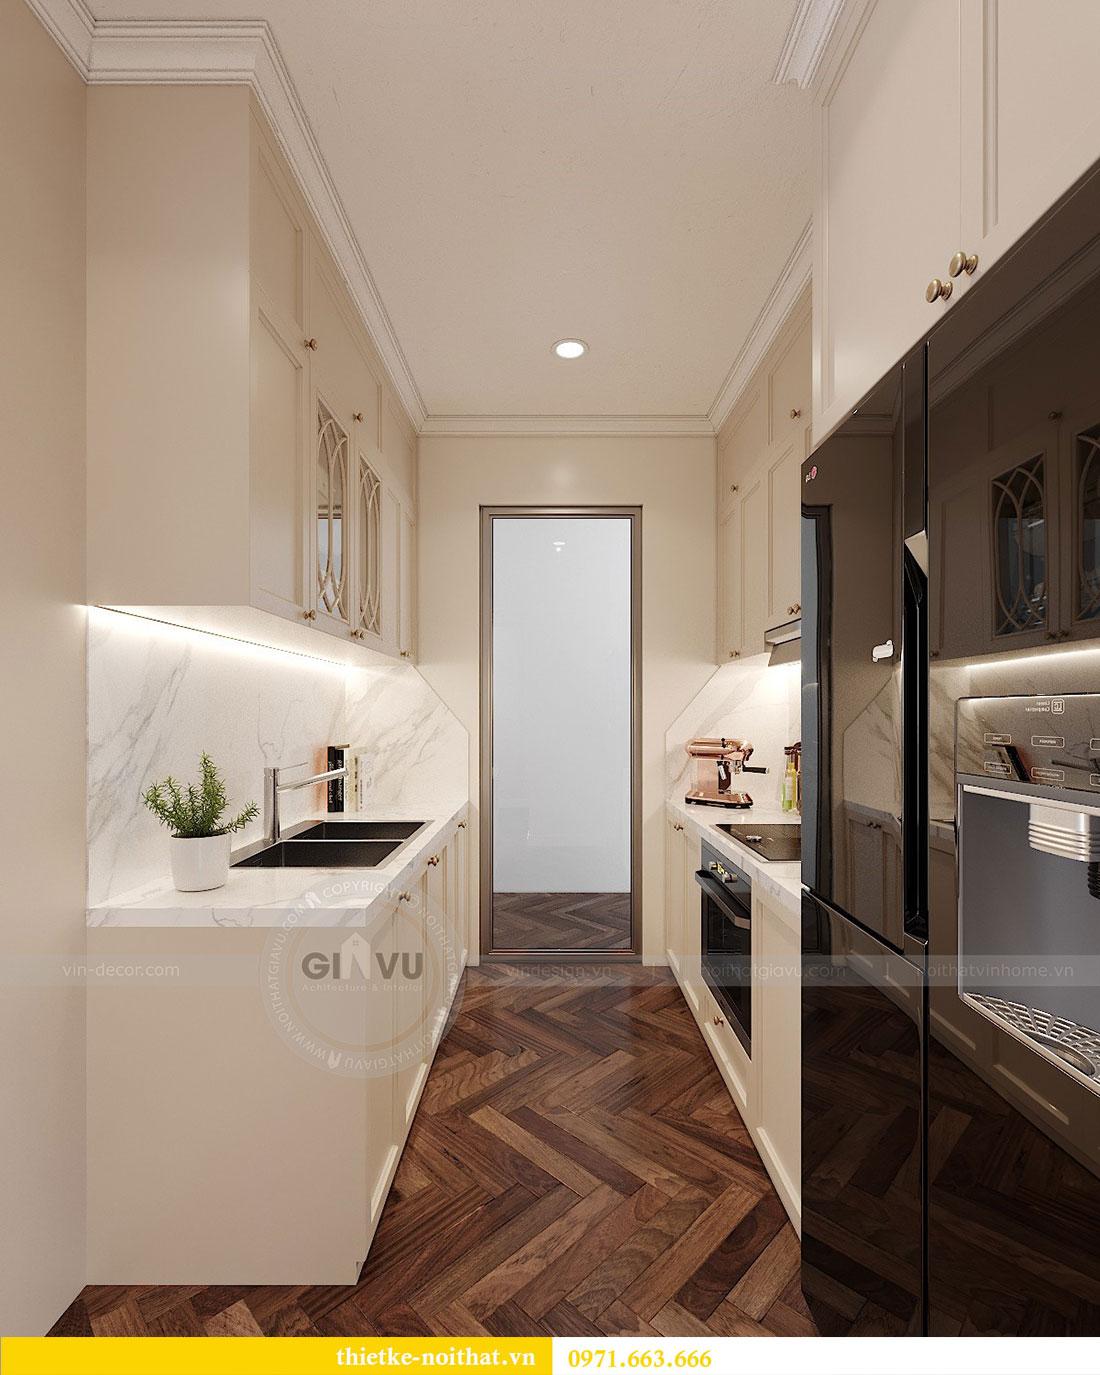 Thiết kế nội thất chung cư D capitale tòa C7 căn 12 chị Hương 2